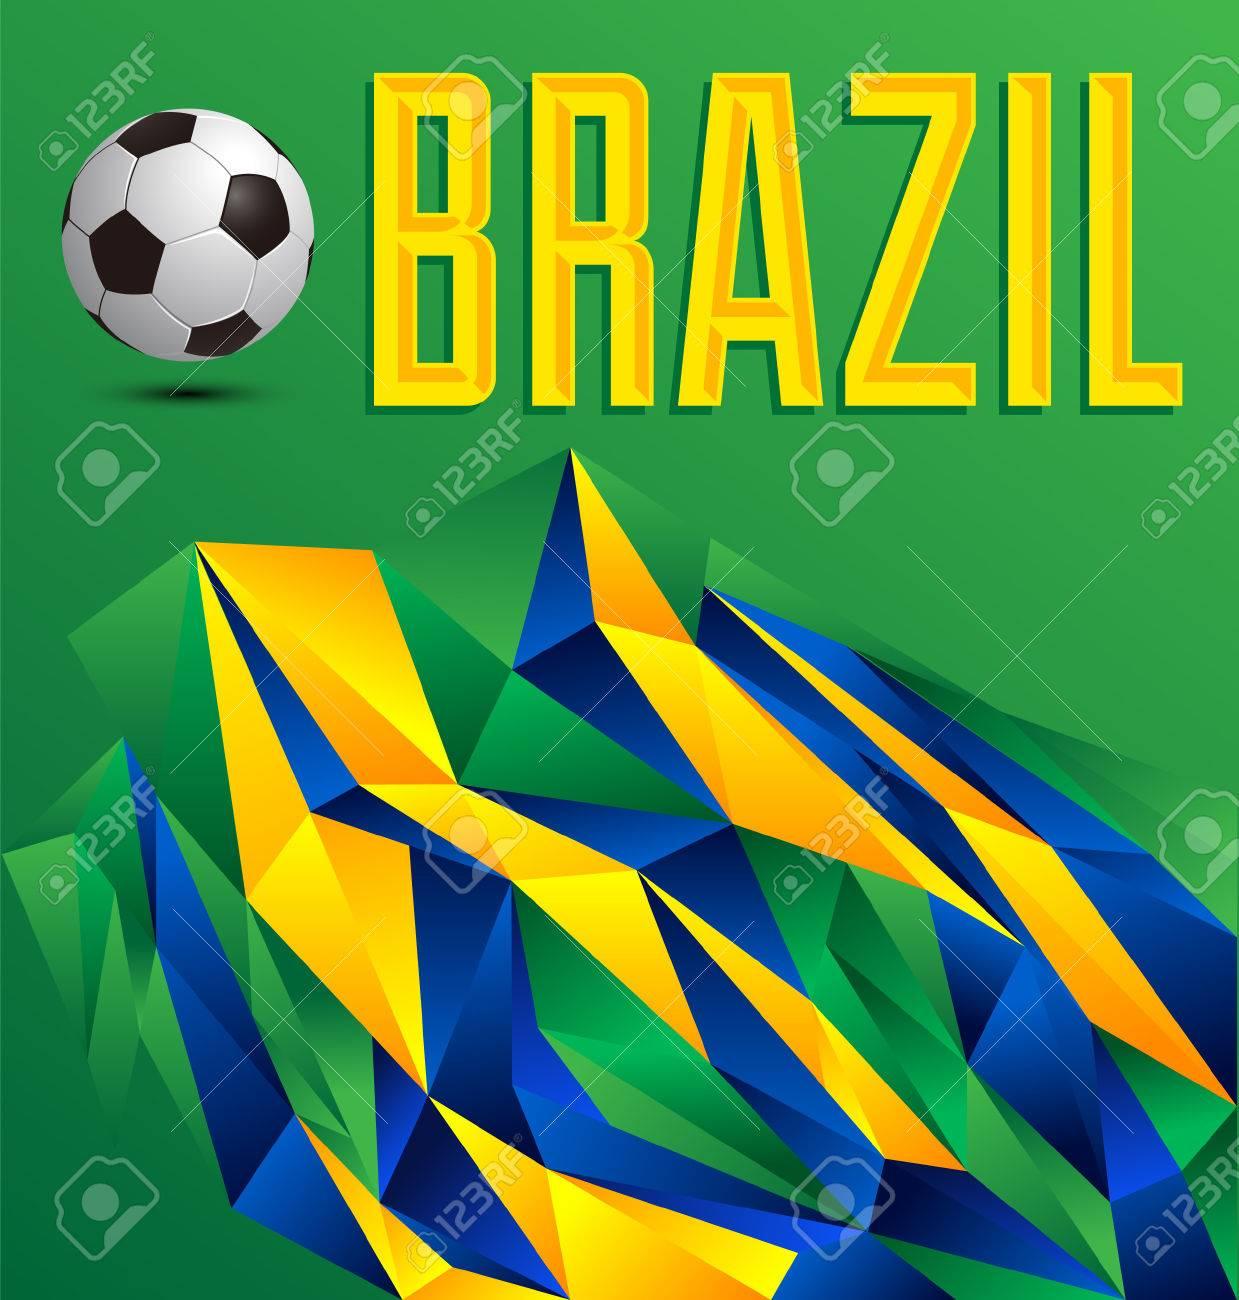 Brasil fondo abstracto geométrico con balón de fútbol Foto de archivo -  29485817 9ff04ac9b85ae